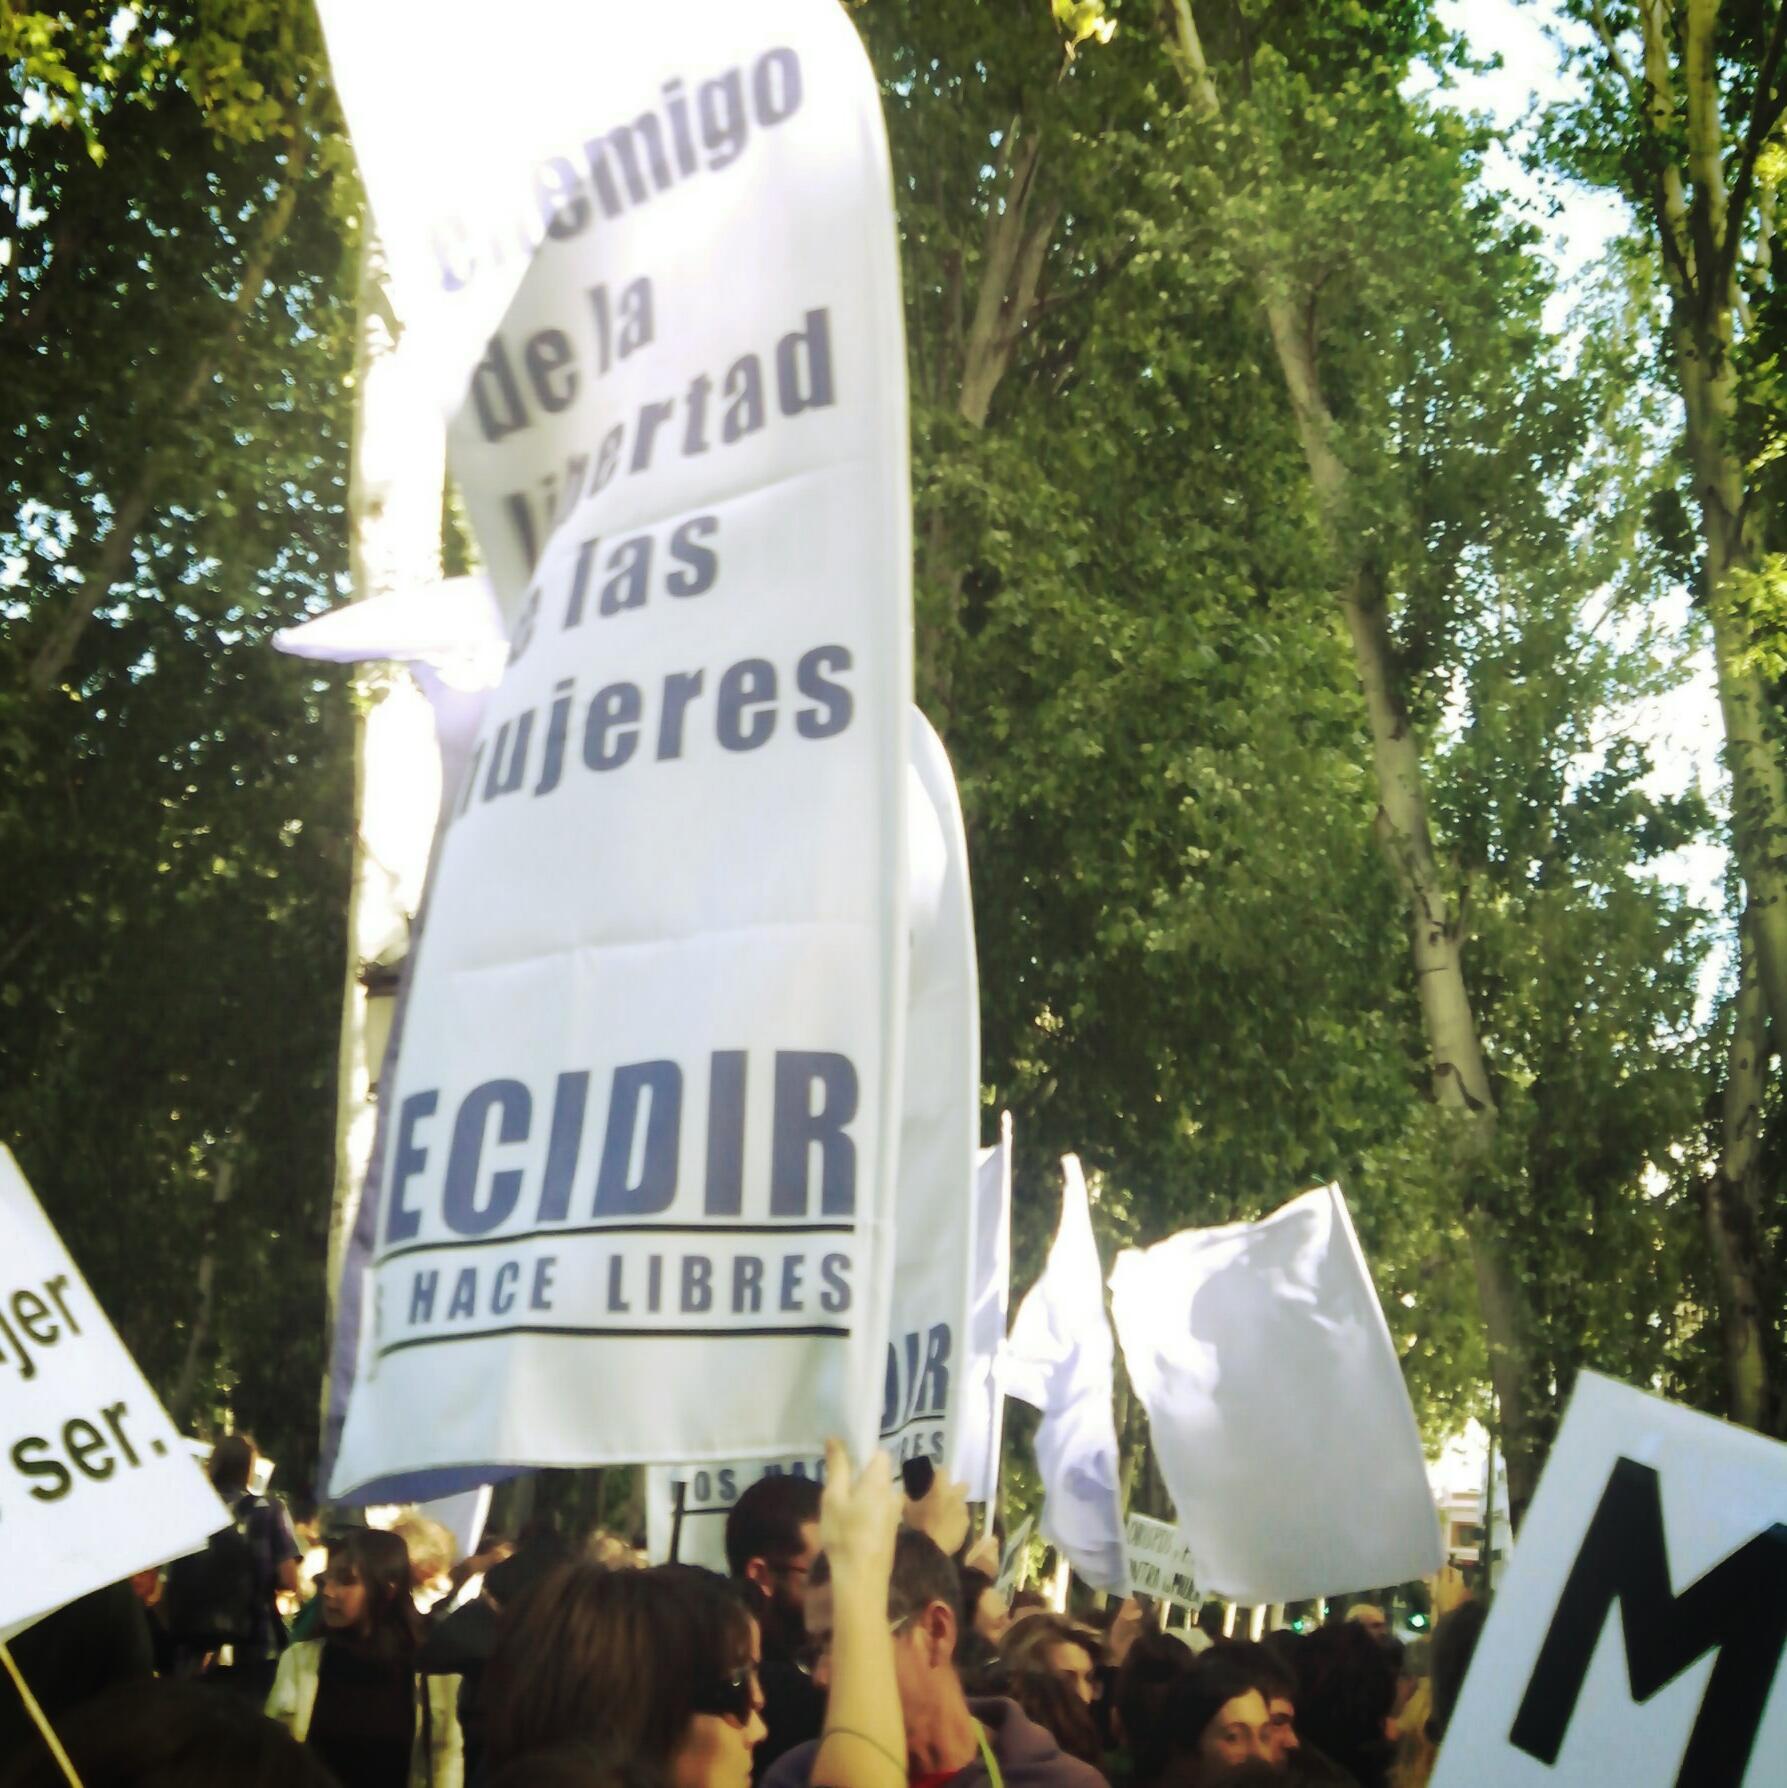 #derechoaborto28m 'Gallardón dimisión' y 'aborto retroactivo para Gallardón' http://t.co/DGyD4NiehE